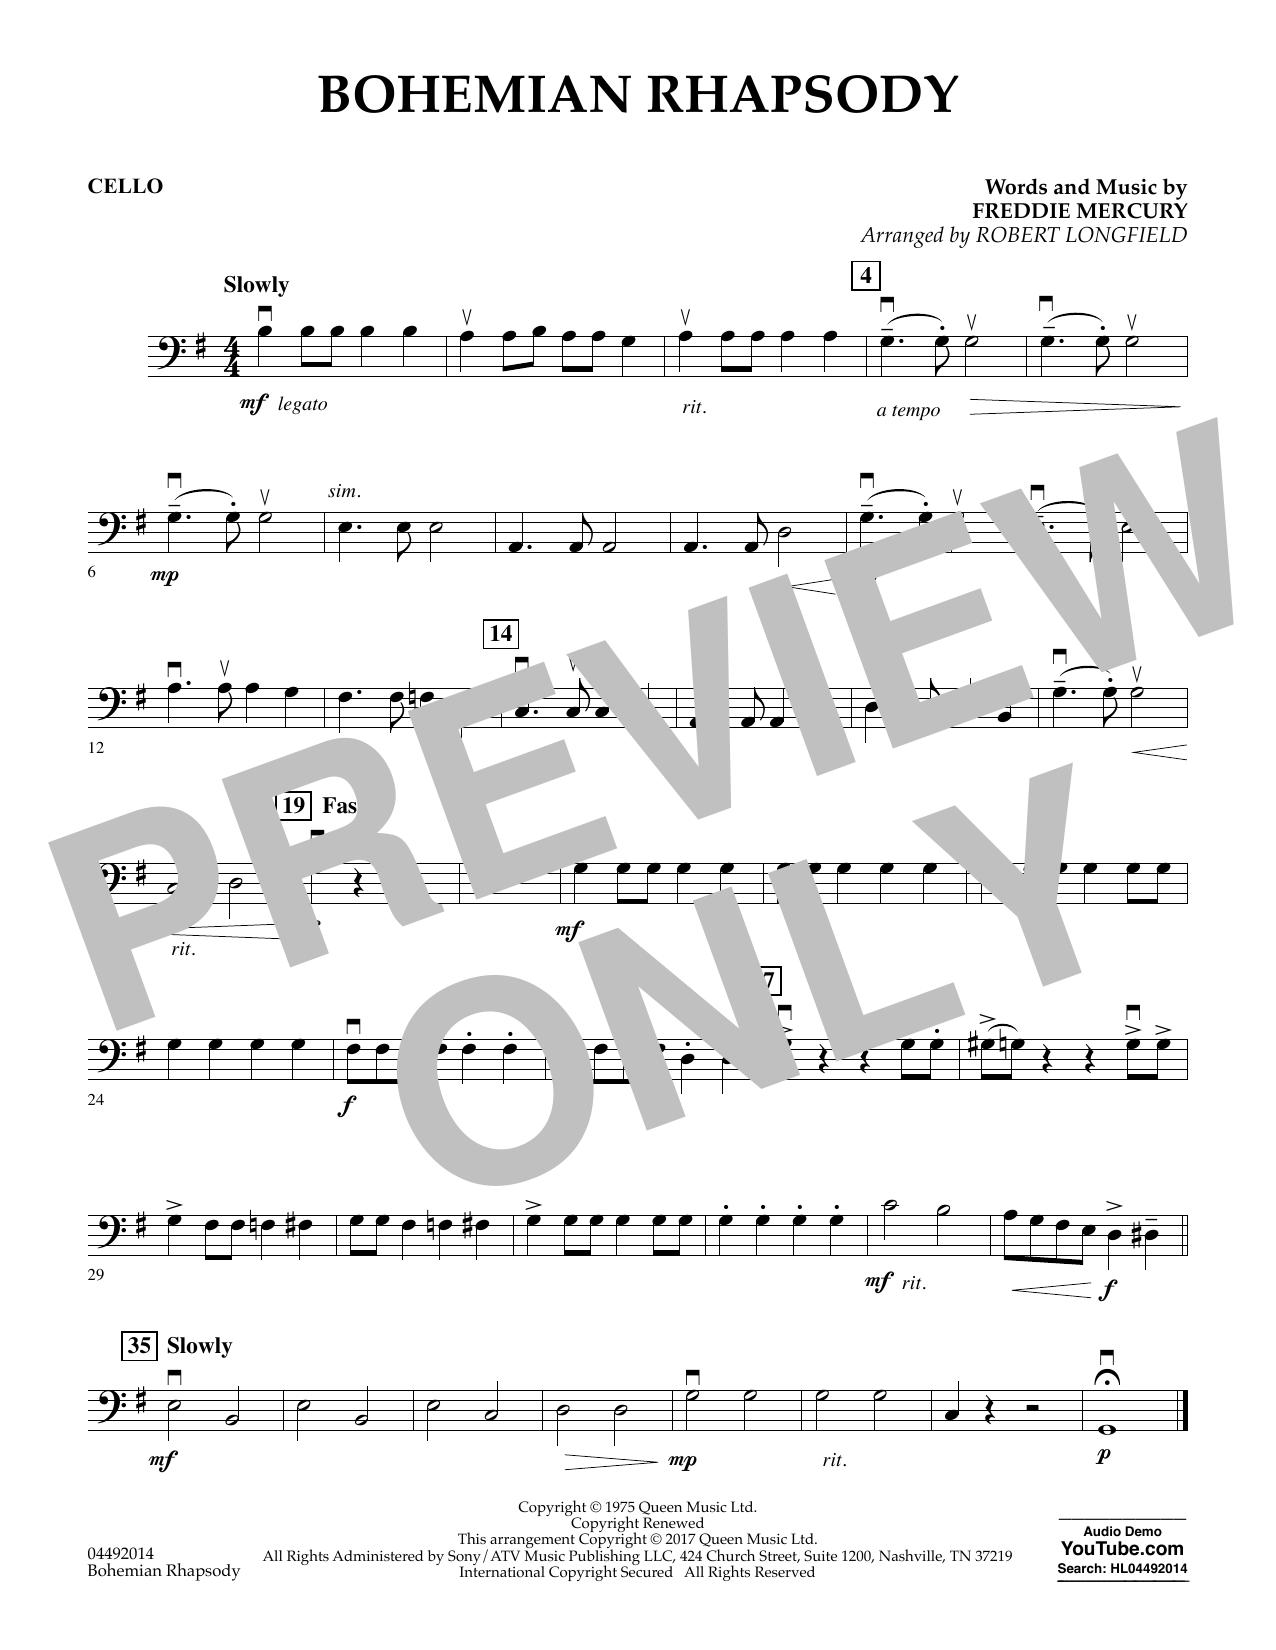 Bohemian Rhapsody - Cello (Orchestra)